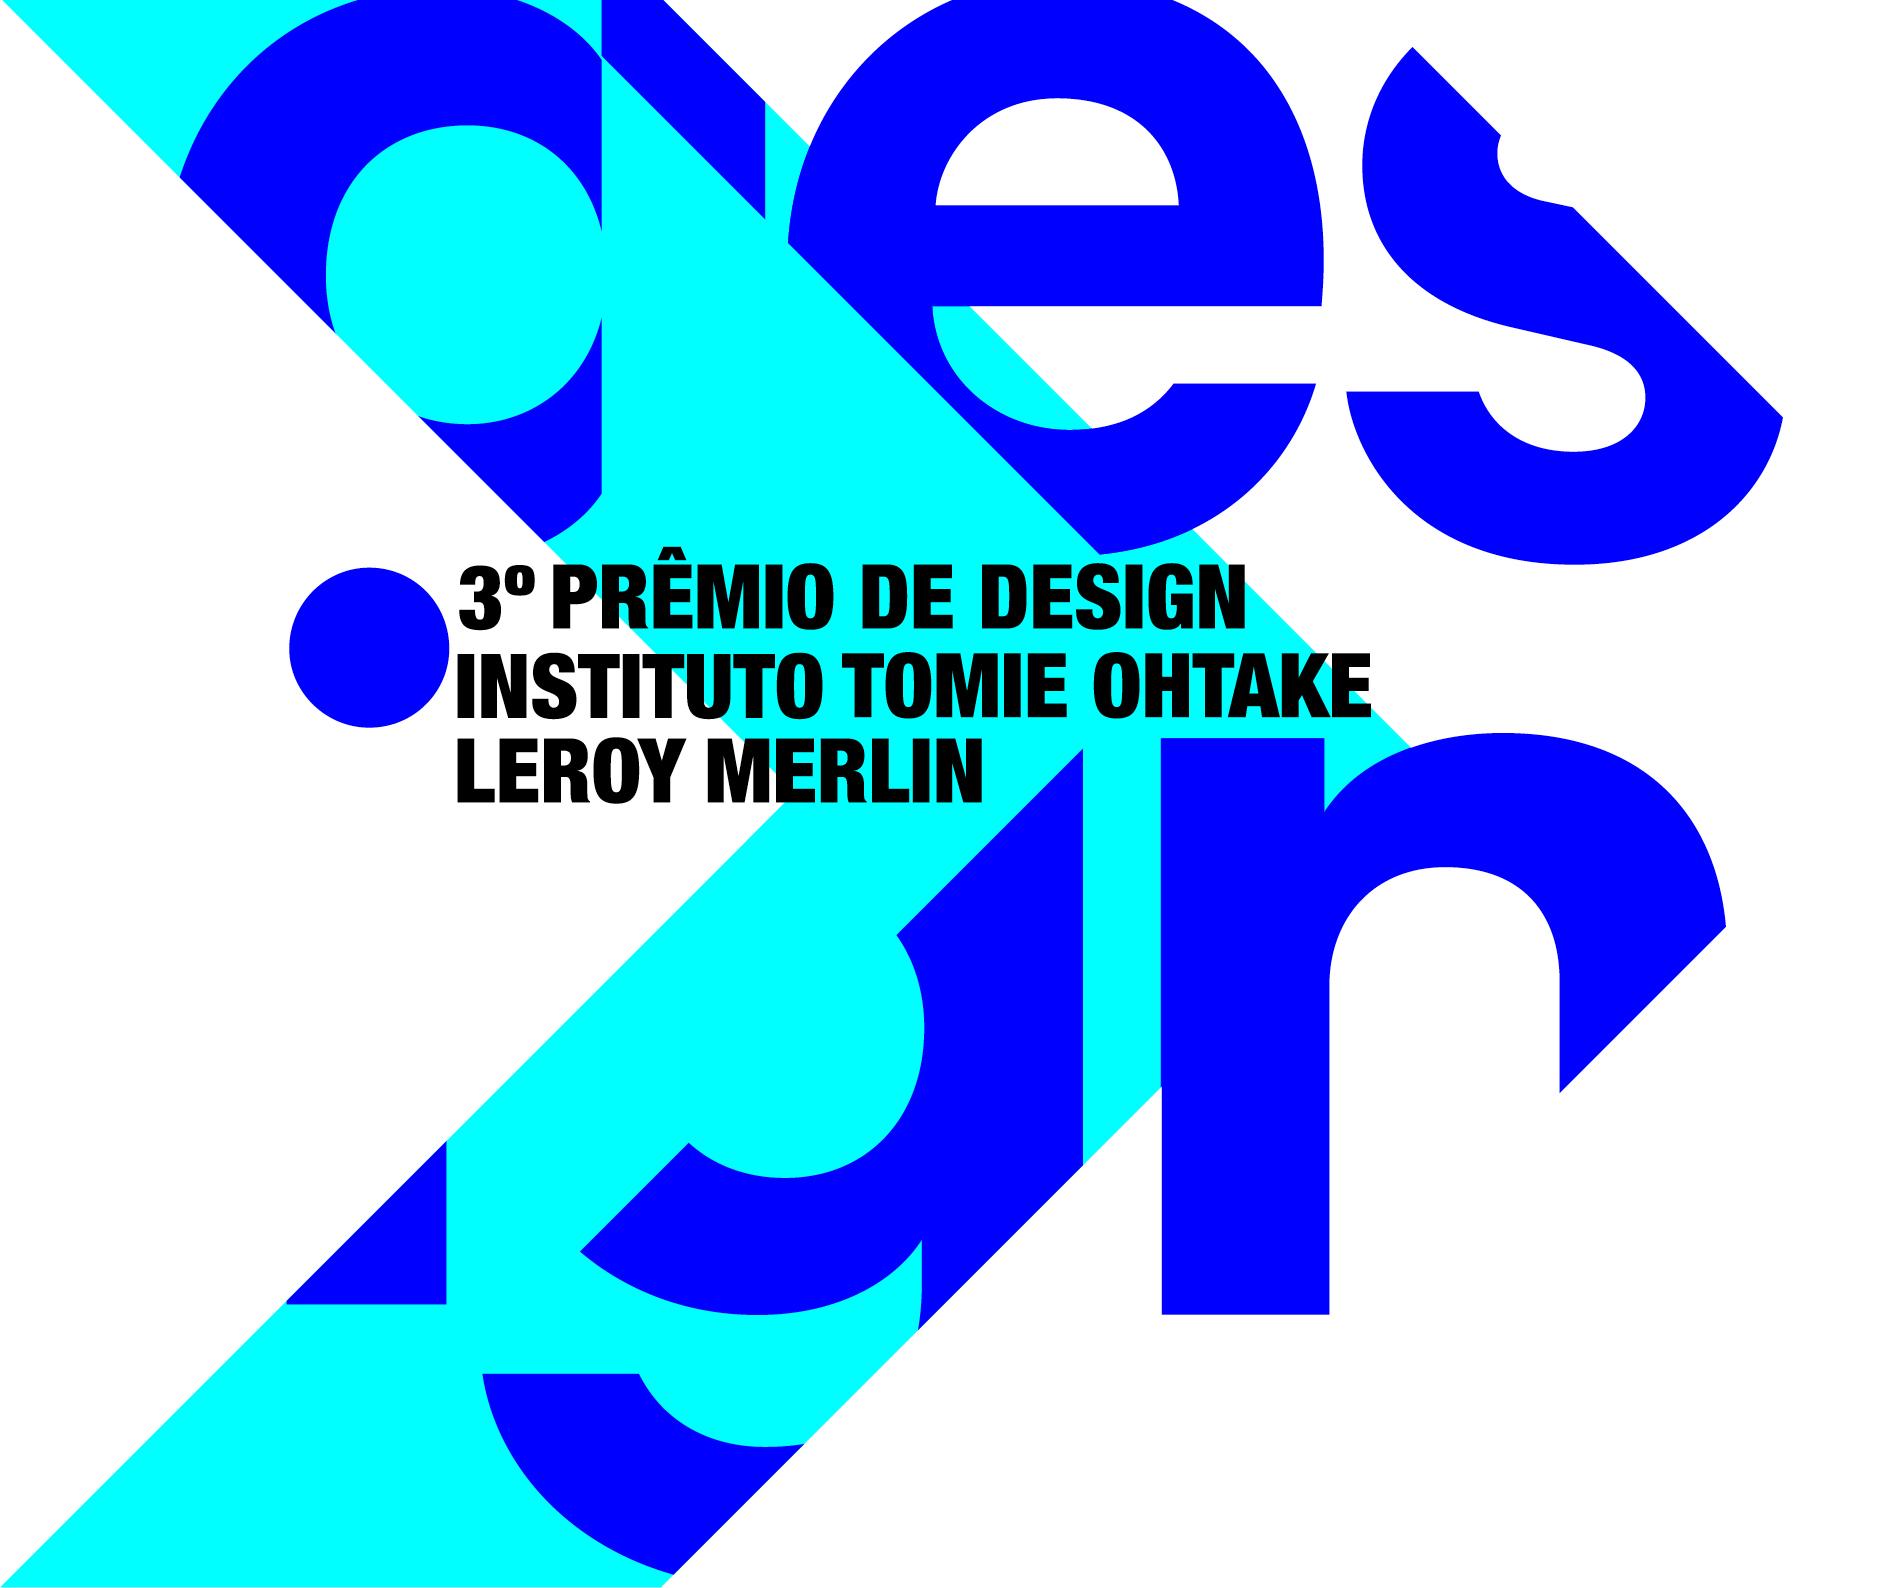 3.° Premio de Design